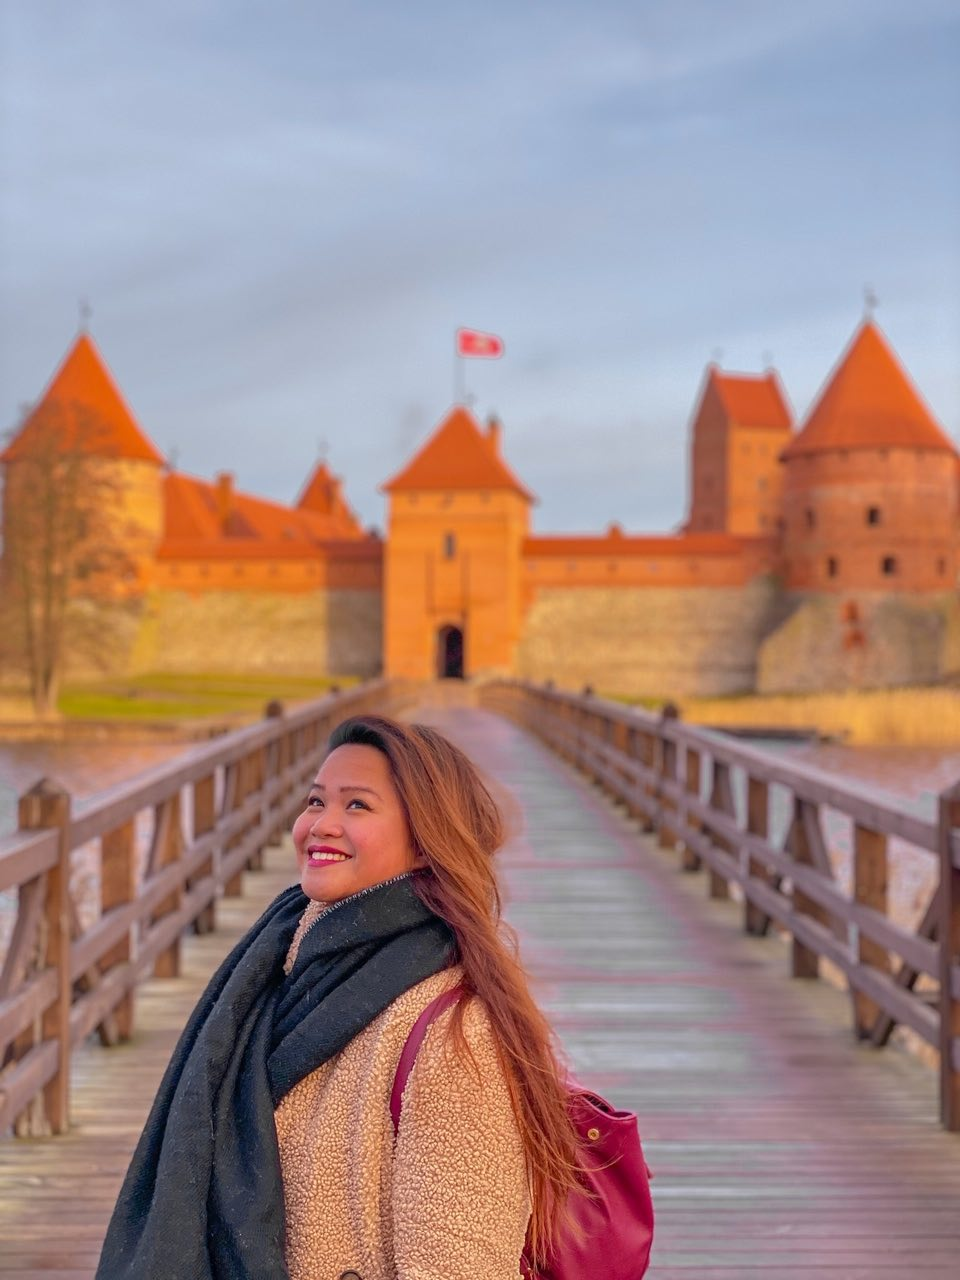 ragazza felice di visitare il castello di Trakai in lituania_